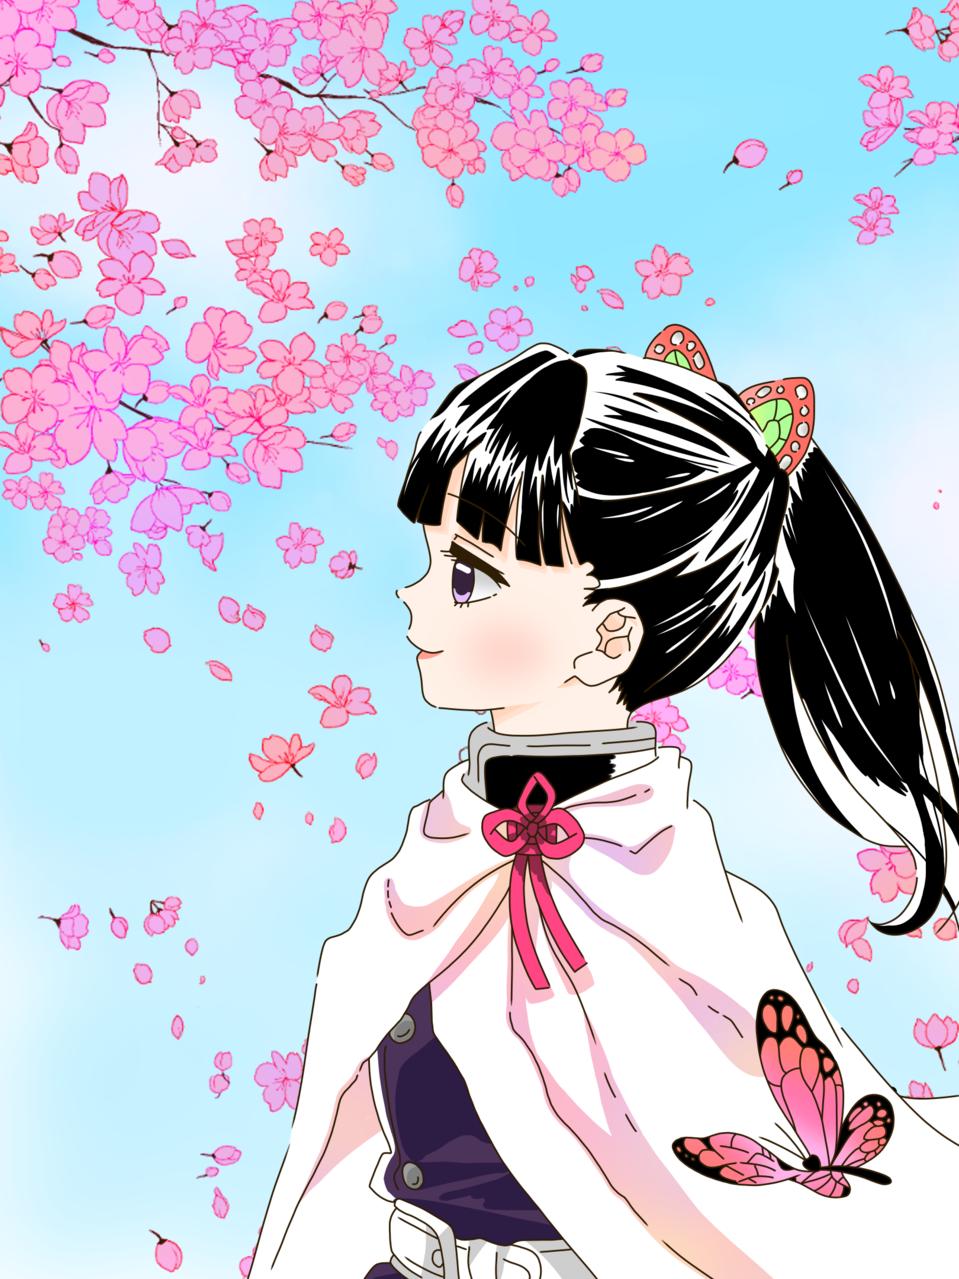 栗花落カナヲ(ゆすらうめ様) Illust of 桜 宮美 桜宮美 KimetsunoYaiba ゆすらうめ TsuyuriKanao